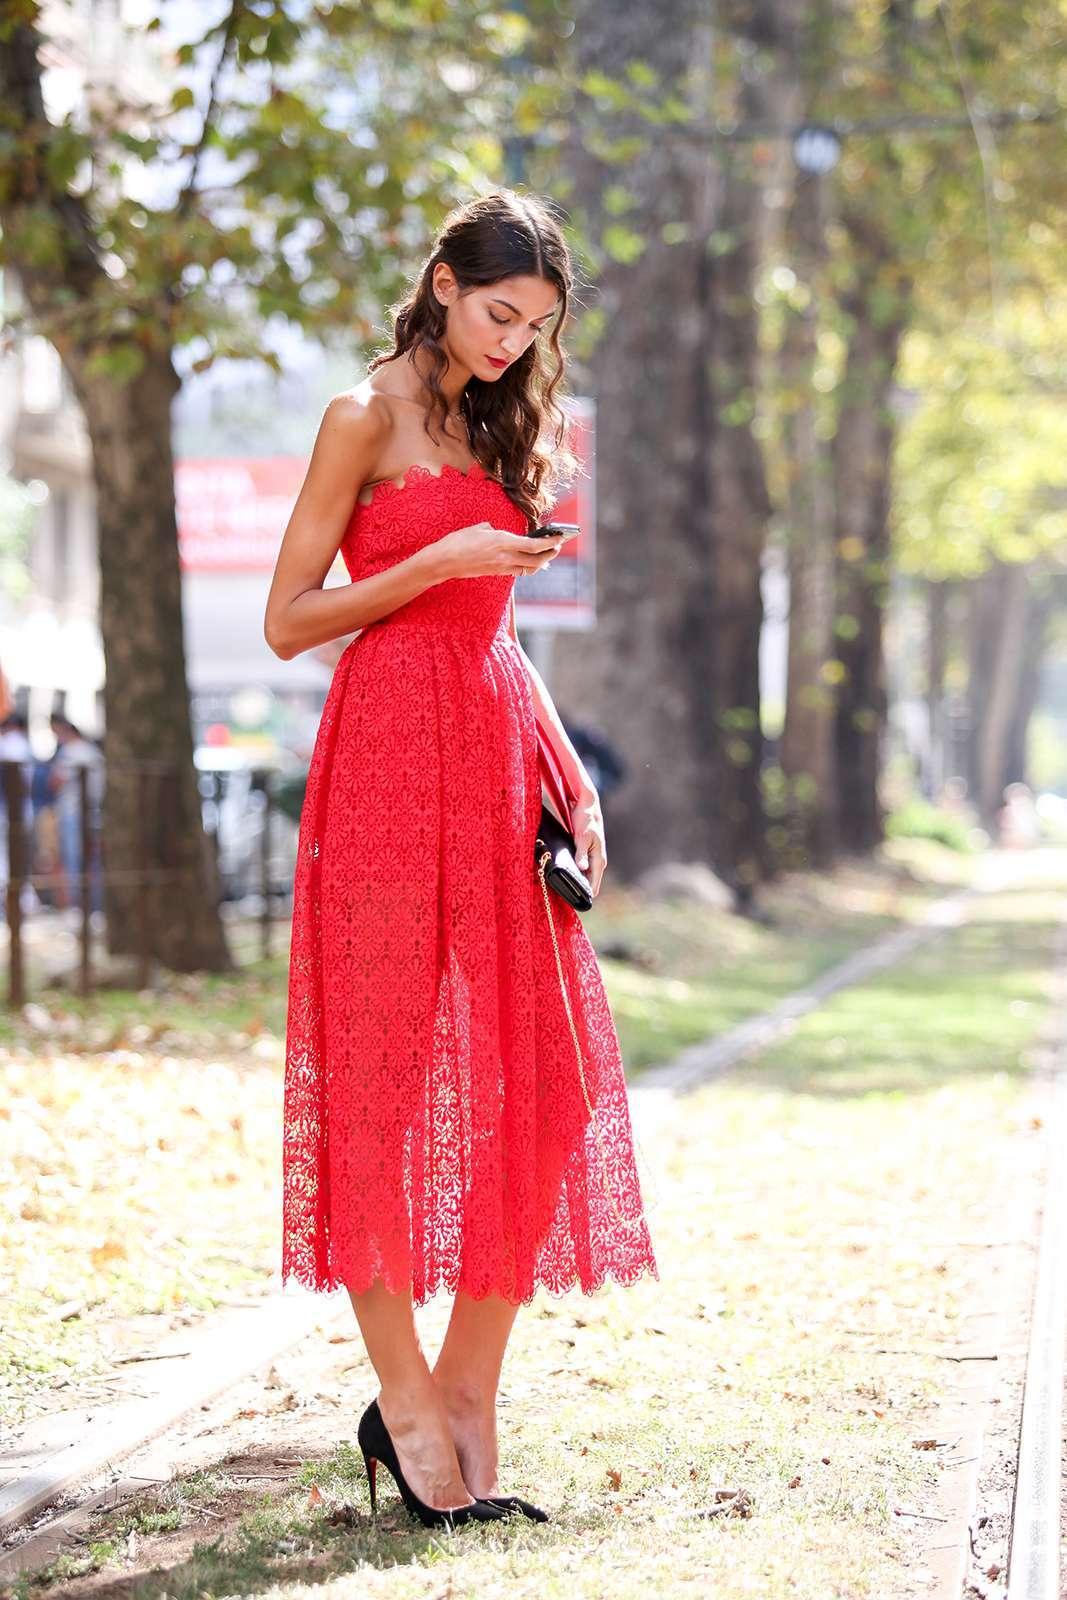 Vestito rosso e scarpe nere a punta